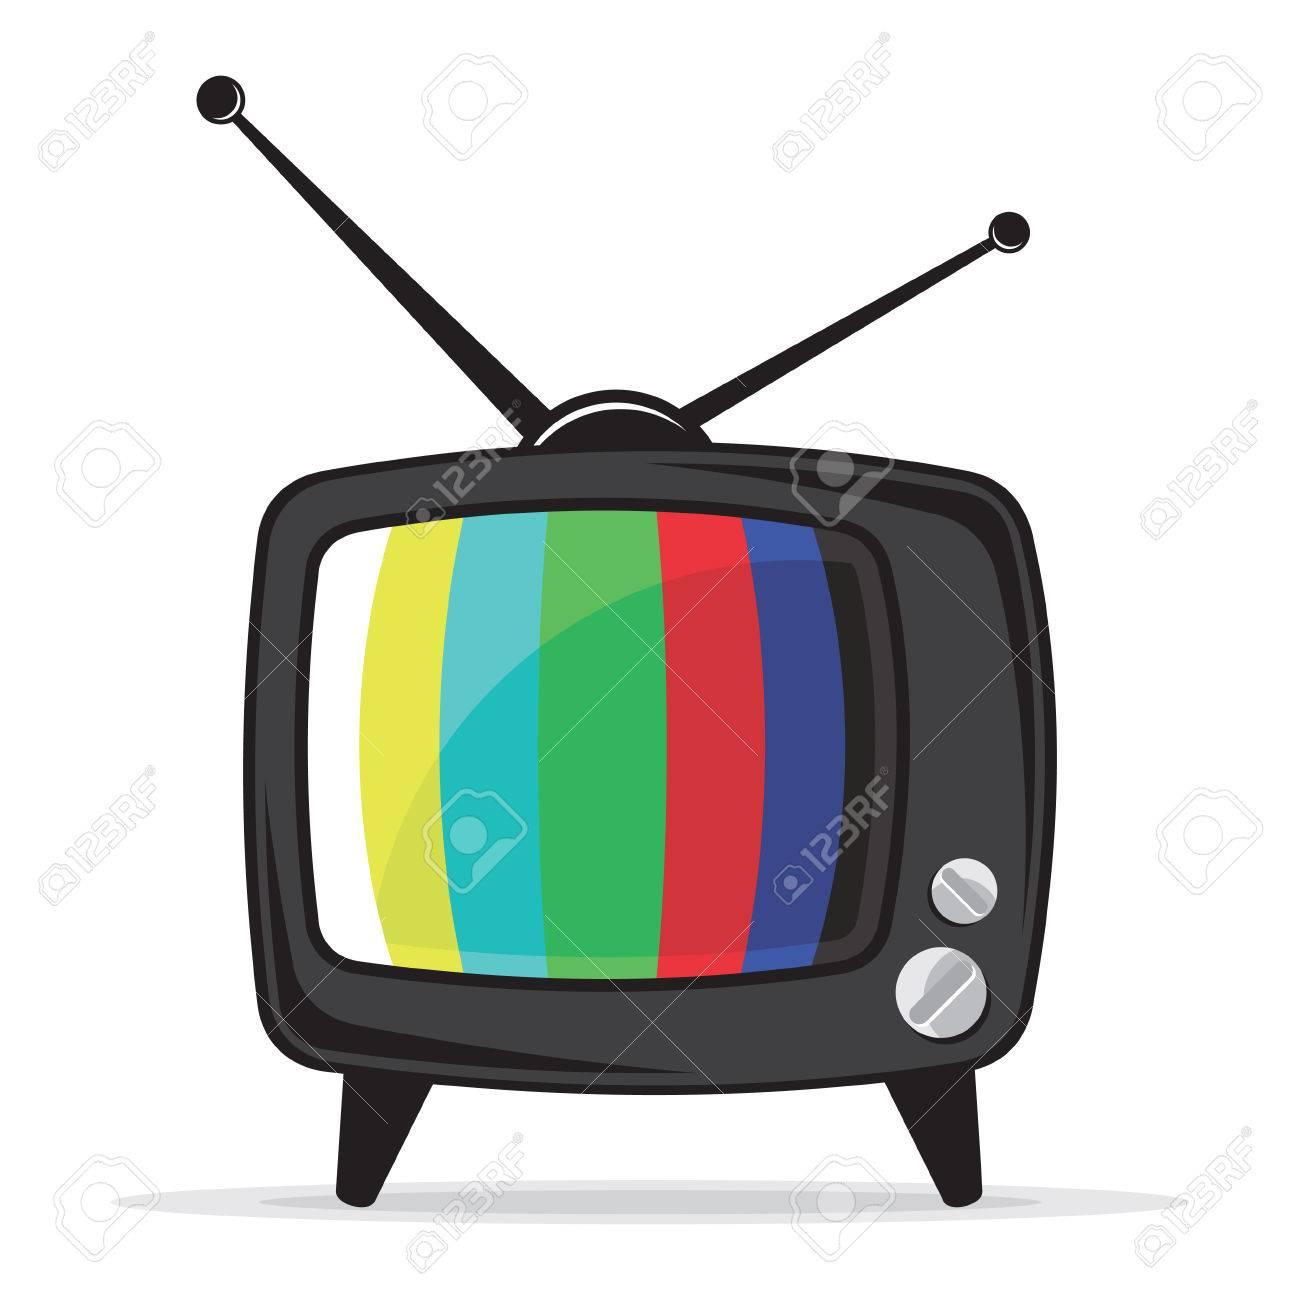 Retro tv - 38127622